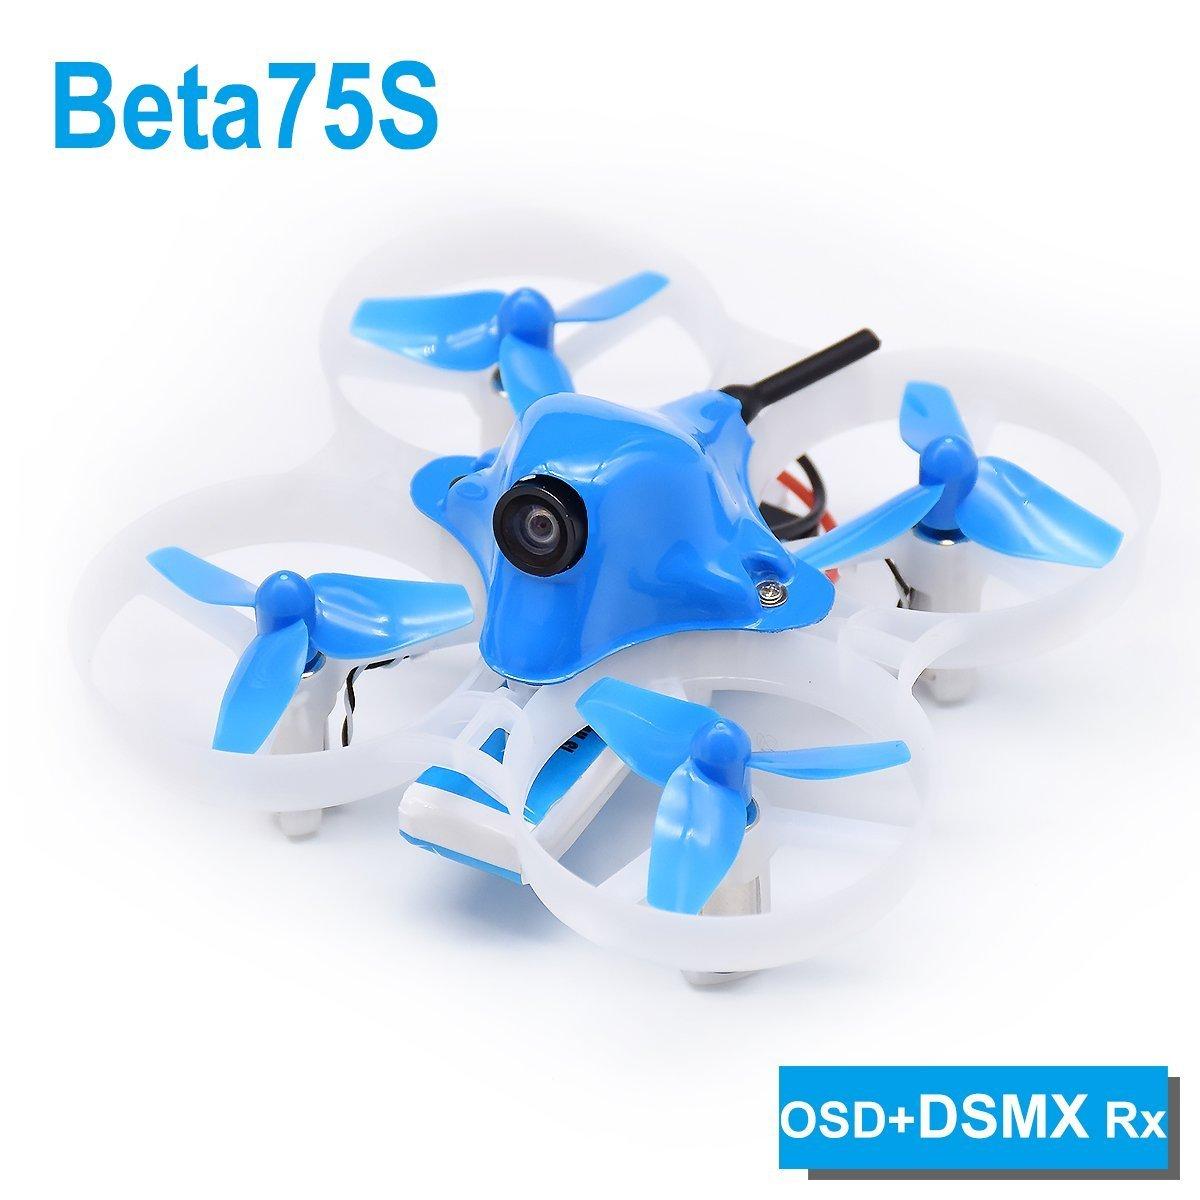 hasta un 60% de descuento BETAFPV Beta75S BNF Tiny Whoop Whoop Whoop Quadcopter DSMX Receiver with OSD for 8X20 Motor  todos los bienes son especiales